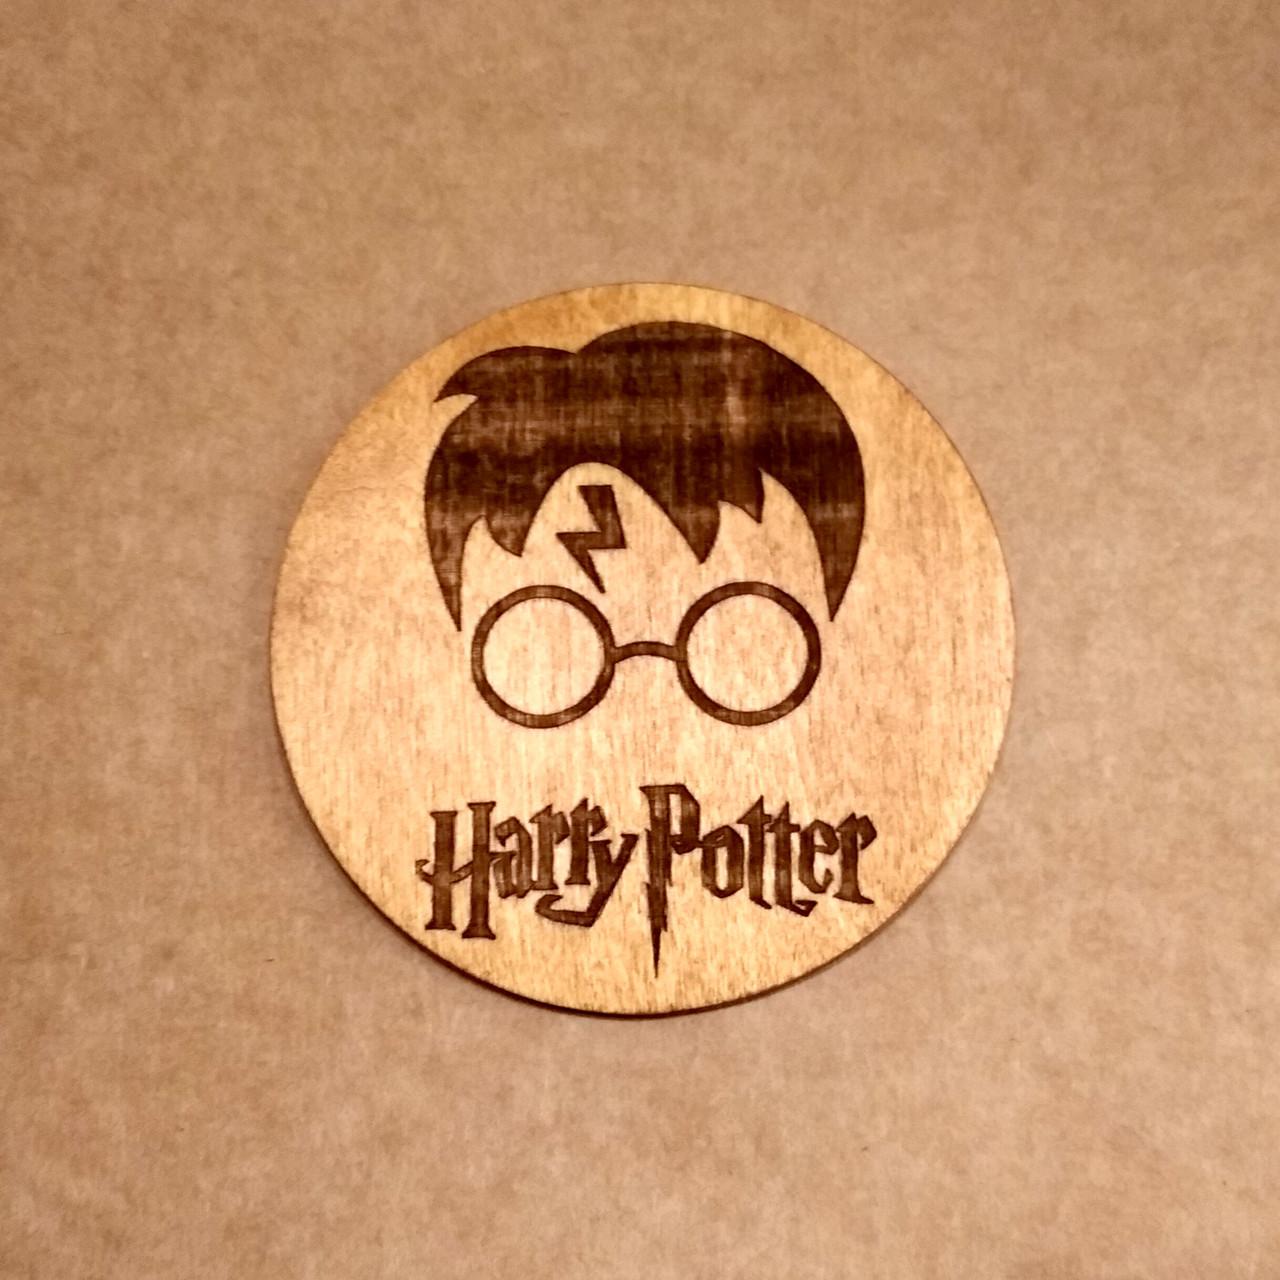 Костер деревянный. Подставка под кружку Гарри Поттер., фото 1